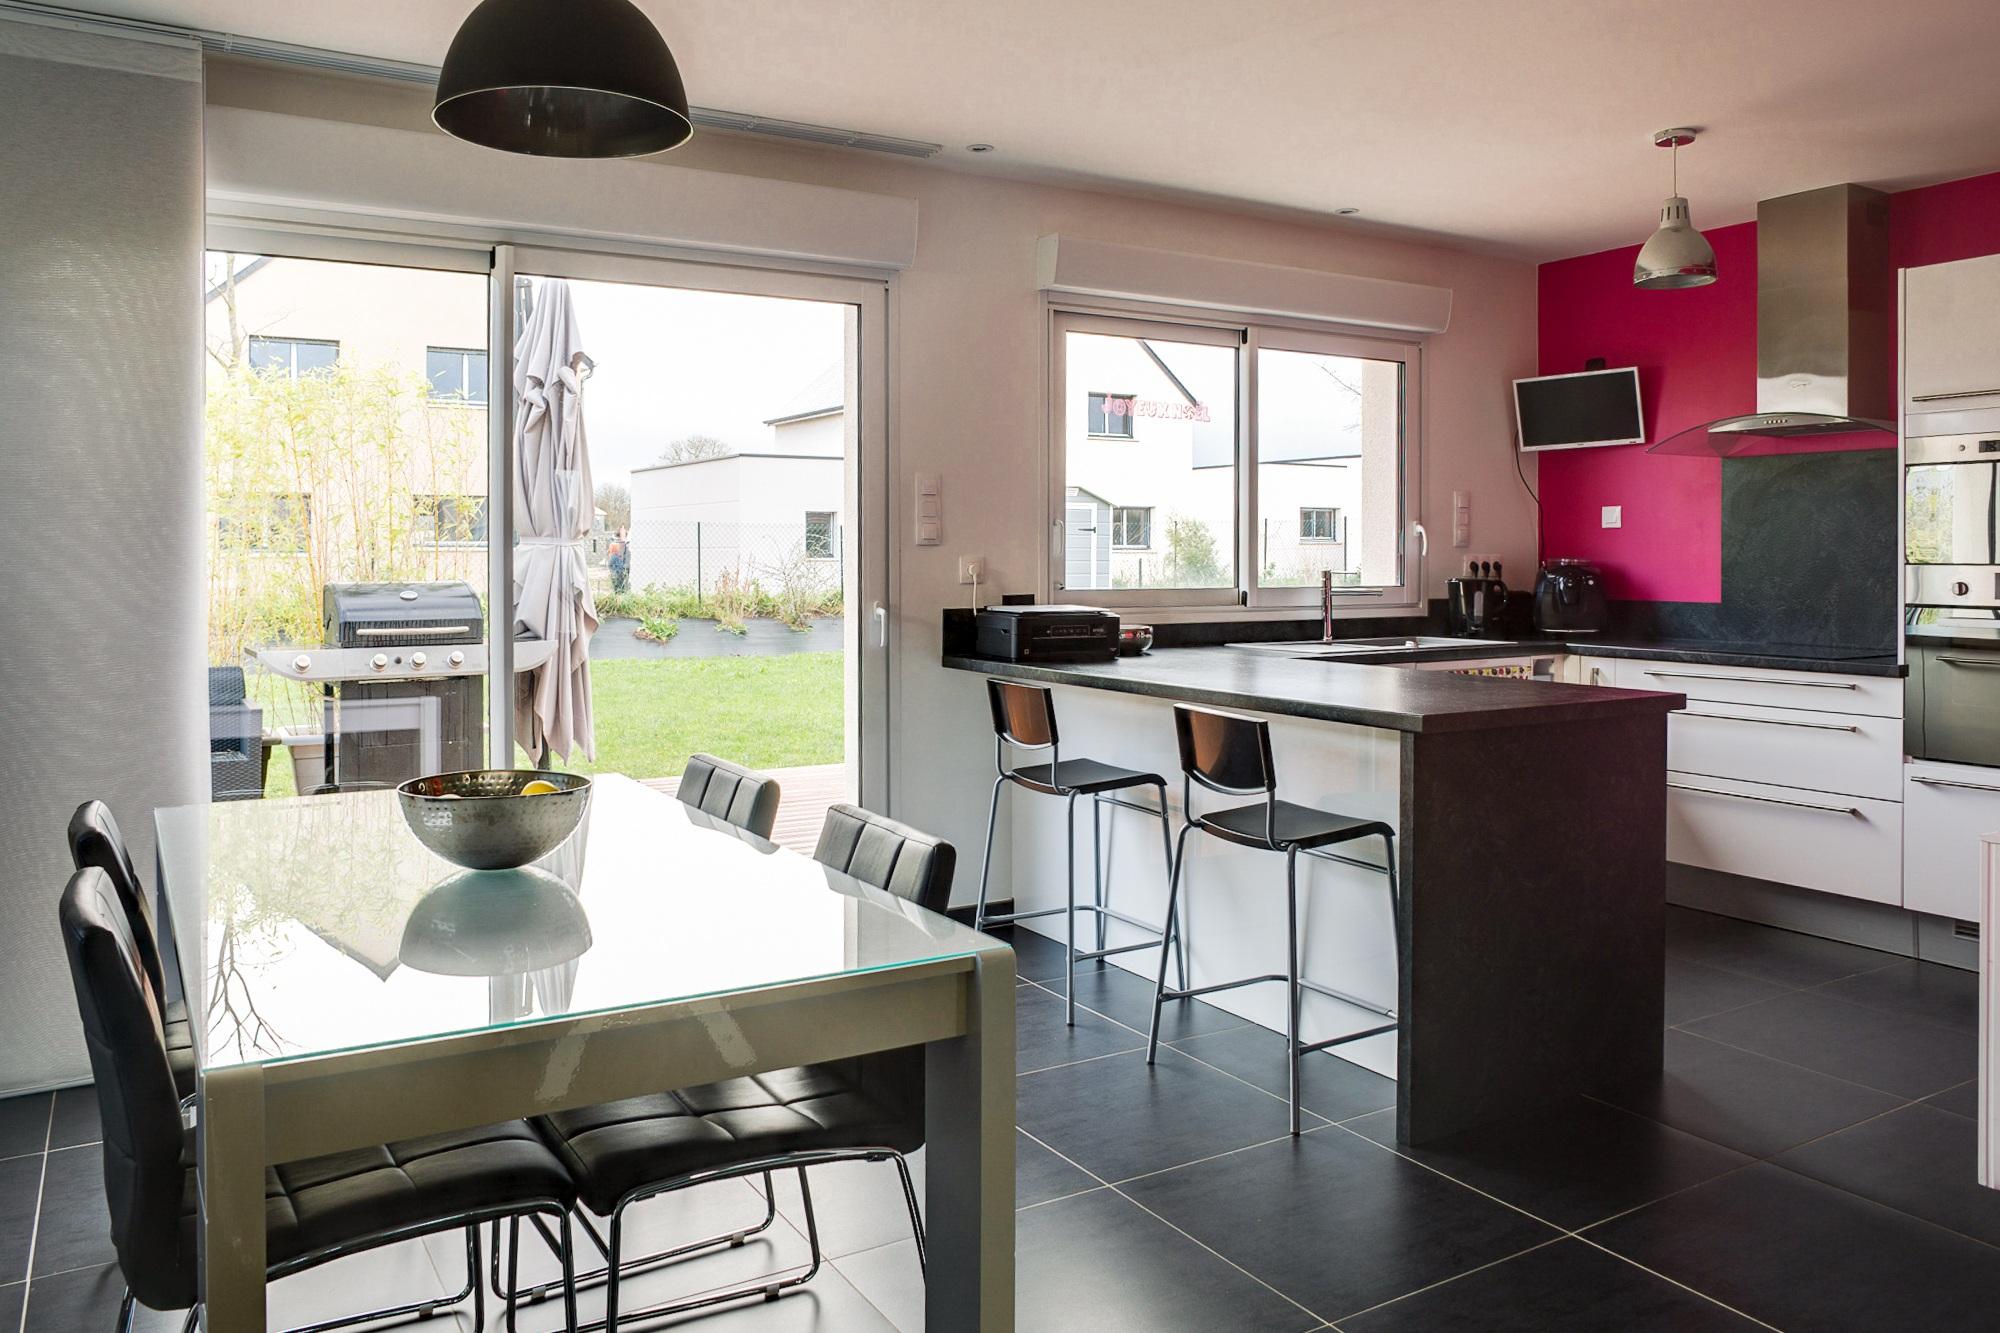 Maisons + Terrains du constructeur MAISONS PHENIX • 90 m² • BOUEE